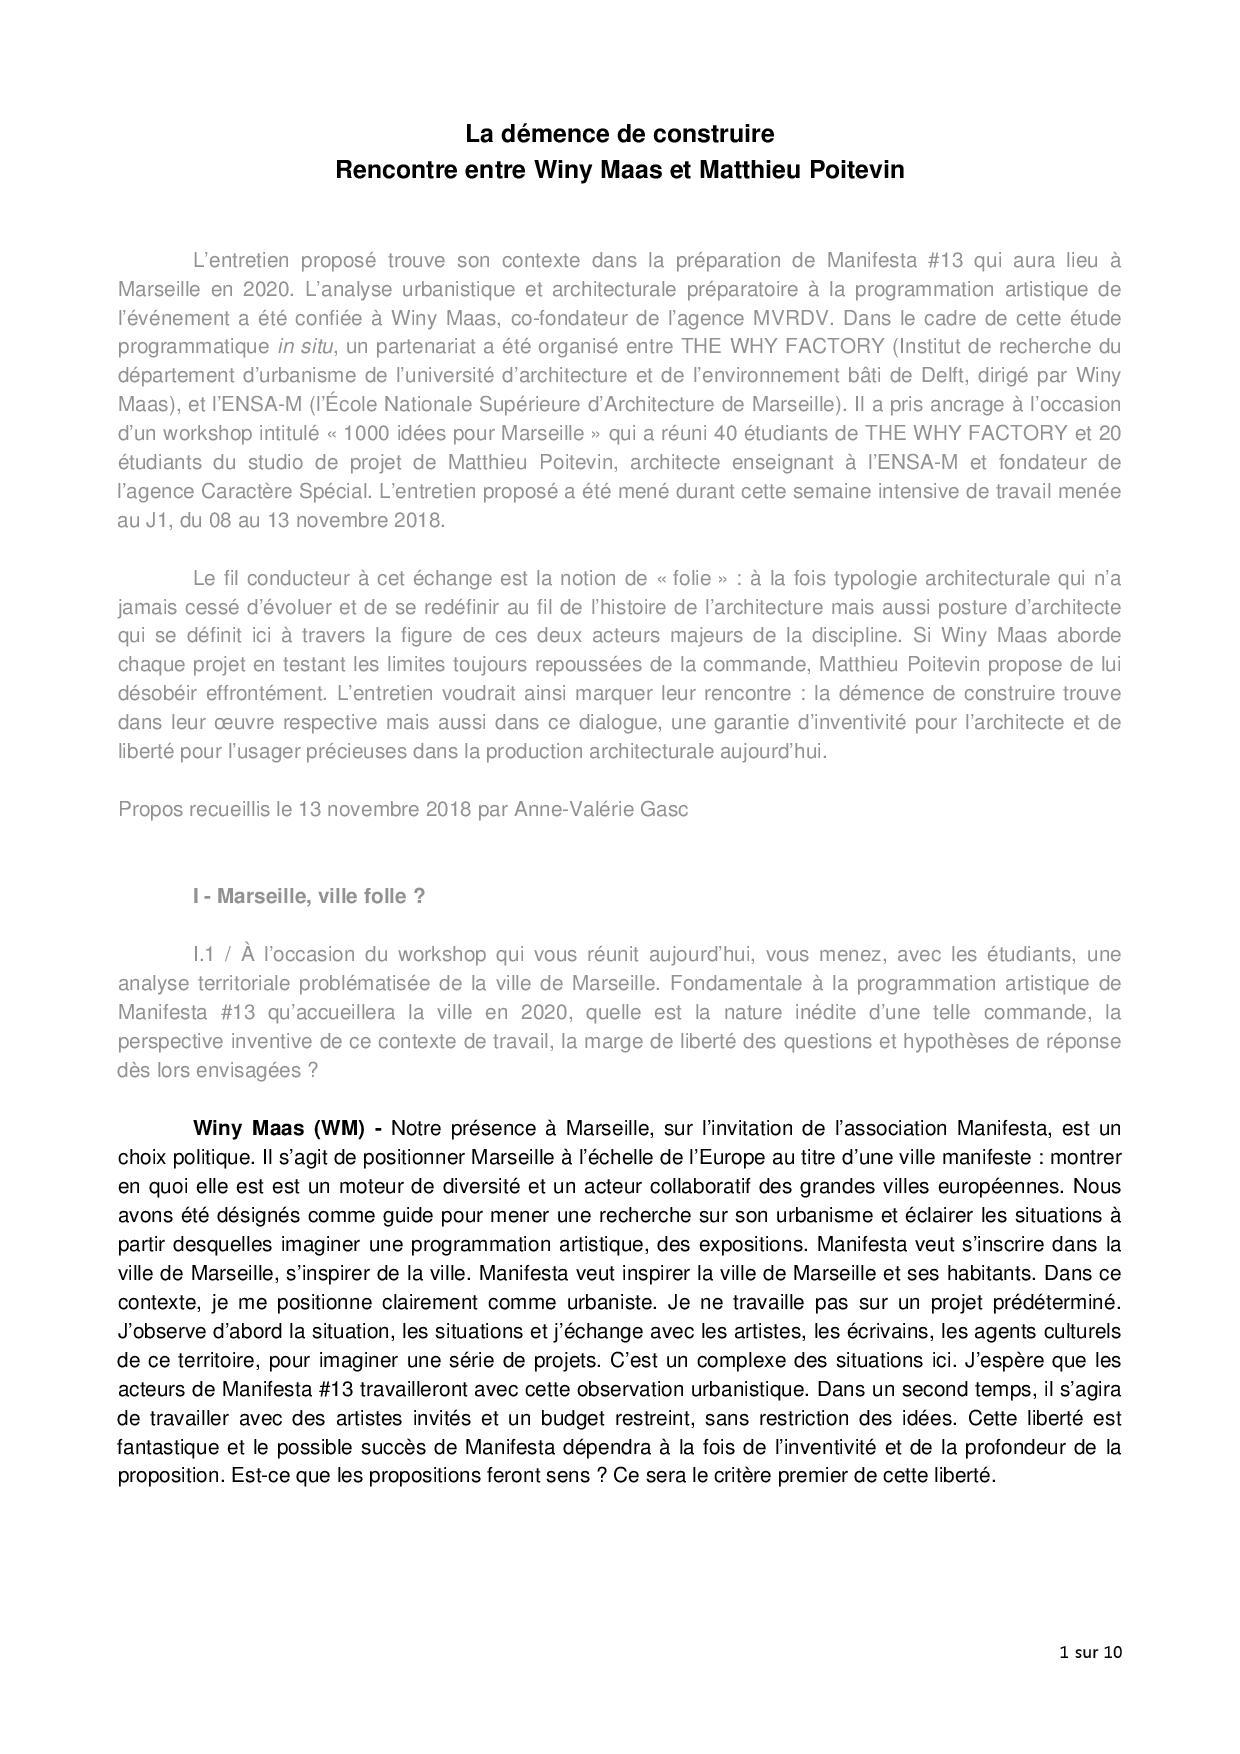 Entretien entre Winy Maas  et Matthieu Poitevin | Caractère Spécial Architecture